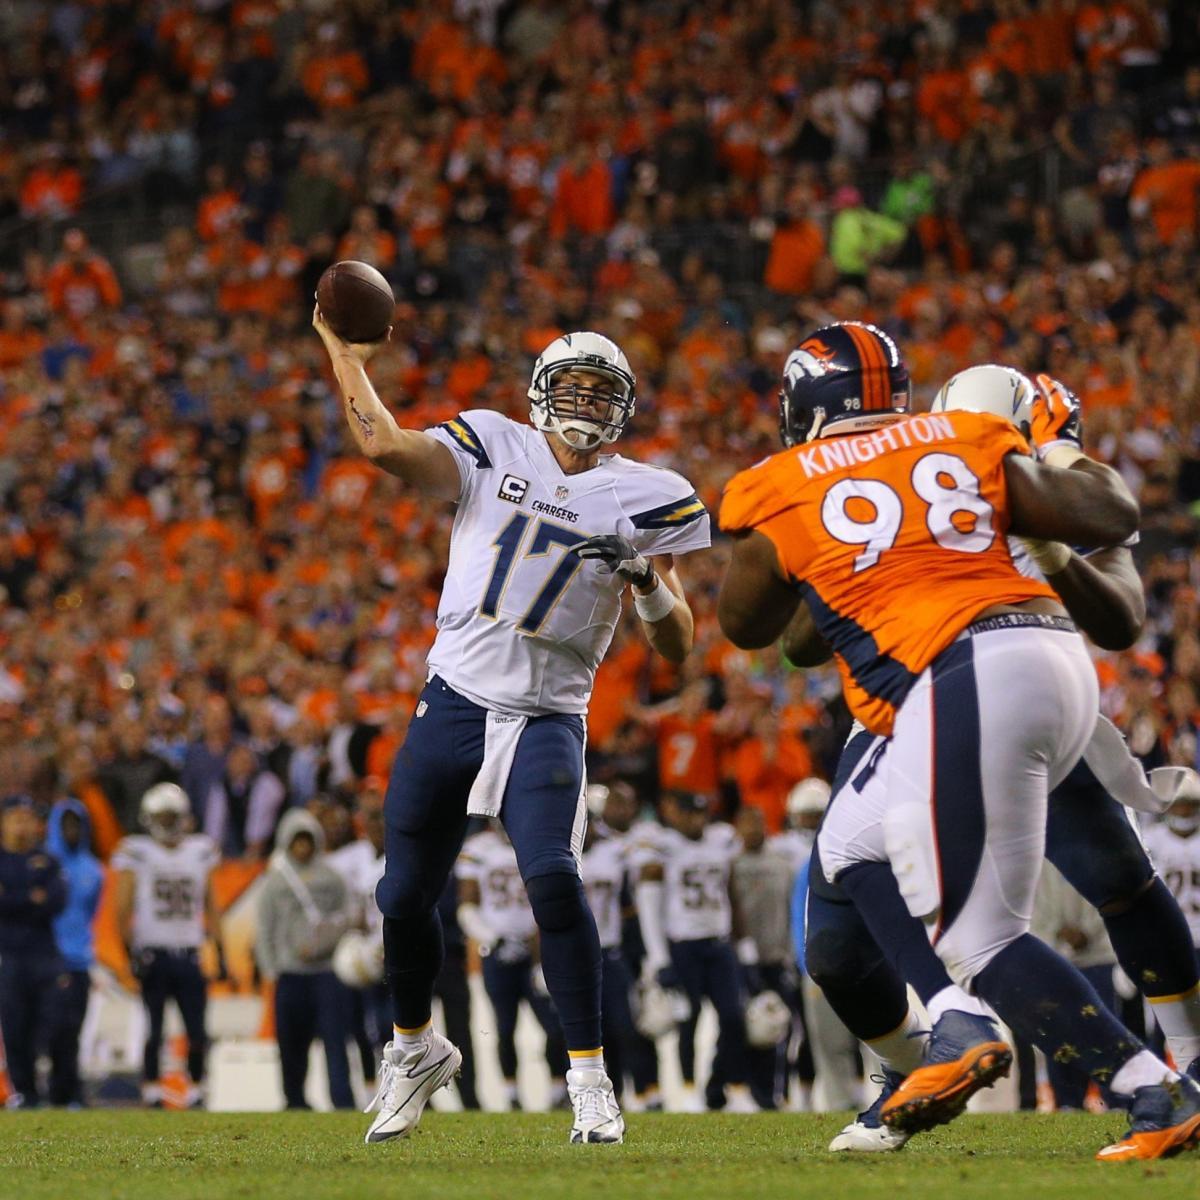 San Diego Chargers At Denver Broncos: Denver Broncos Vs. San Diego Chargers: Complete Week 15